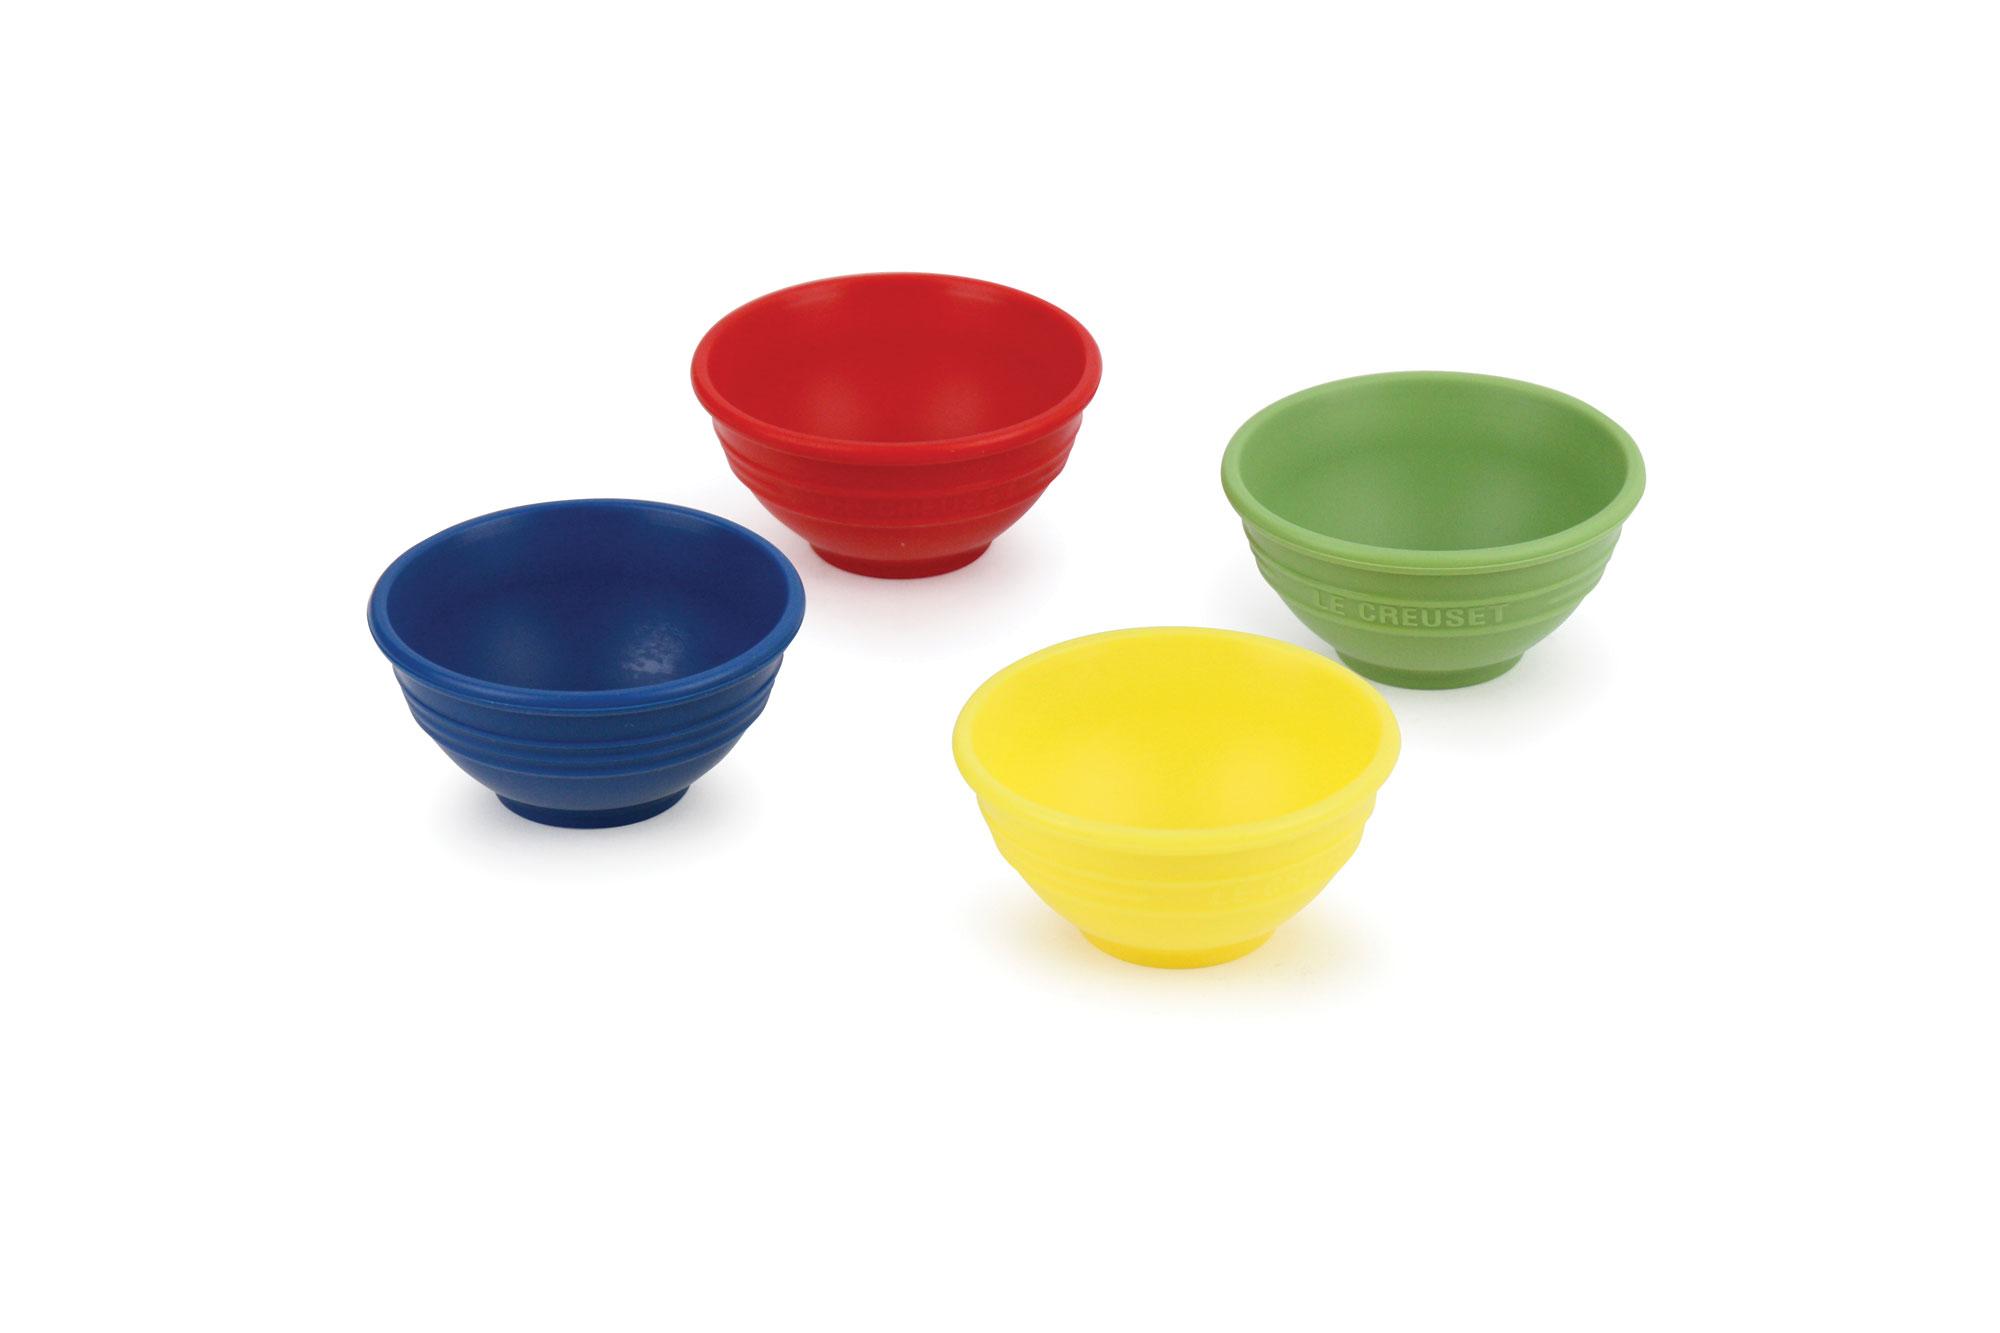 Le Creuset Silicone Pinch Bowl Set 4 Piece Multi Color